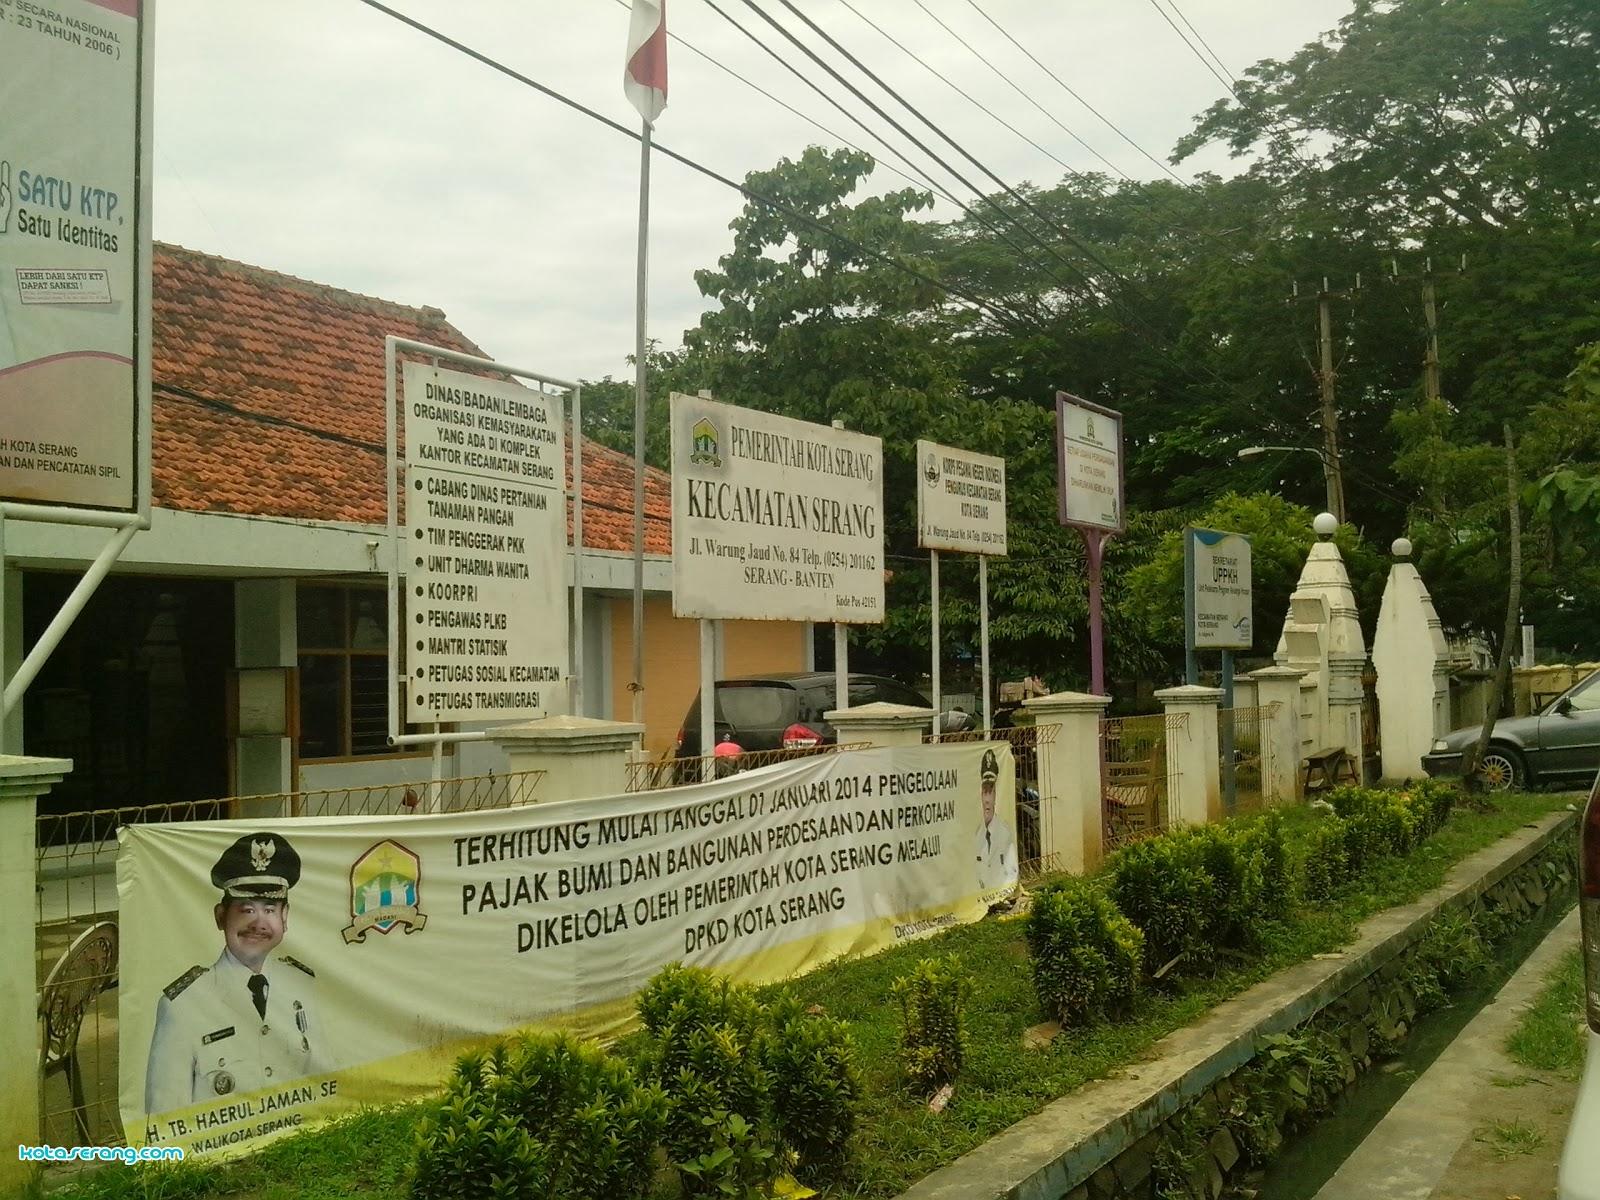 Kantor Kecamatan Serang